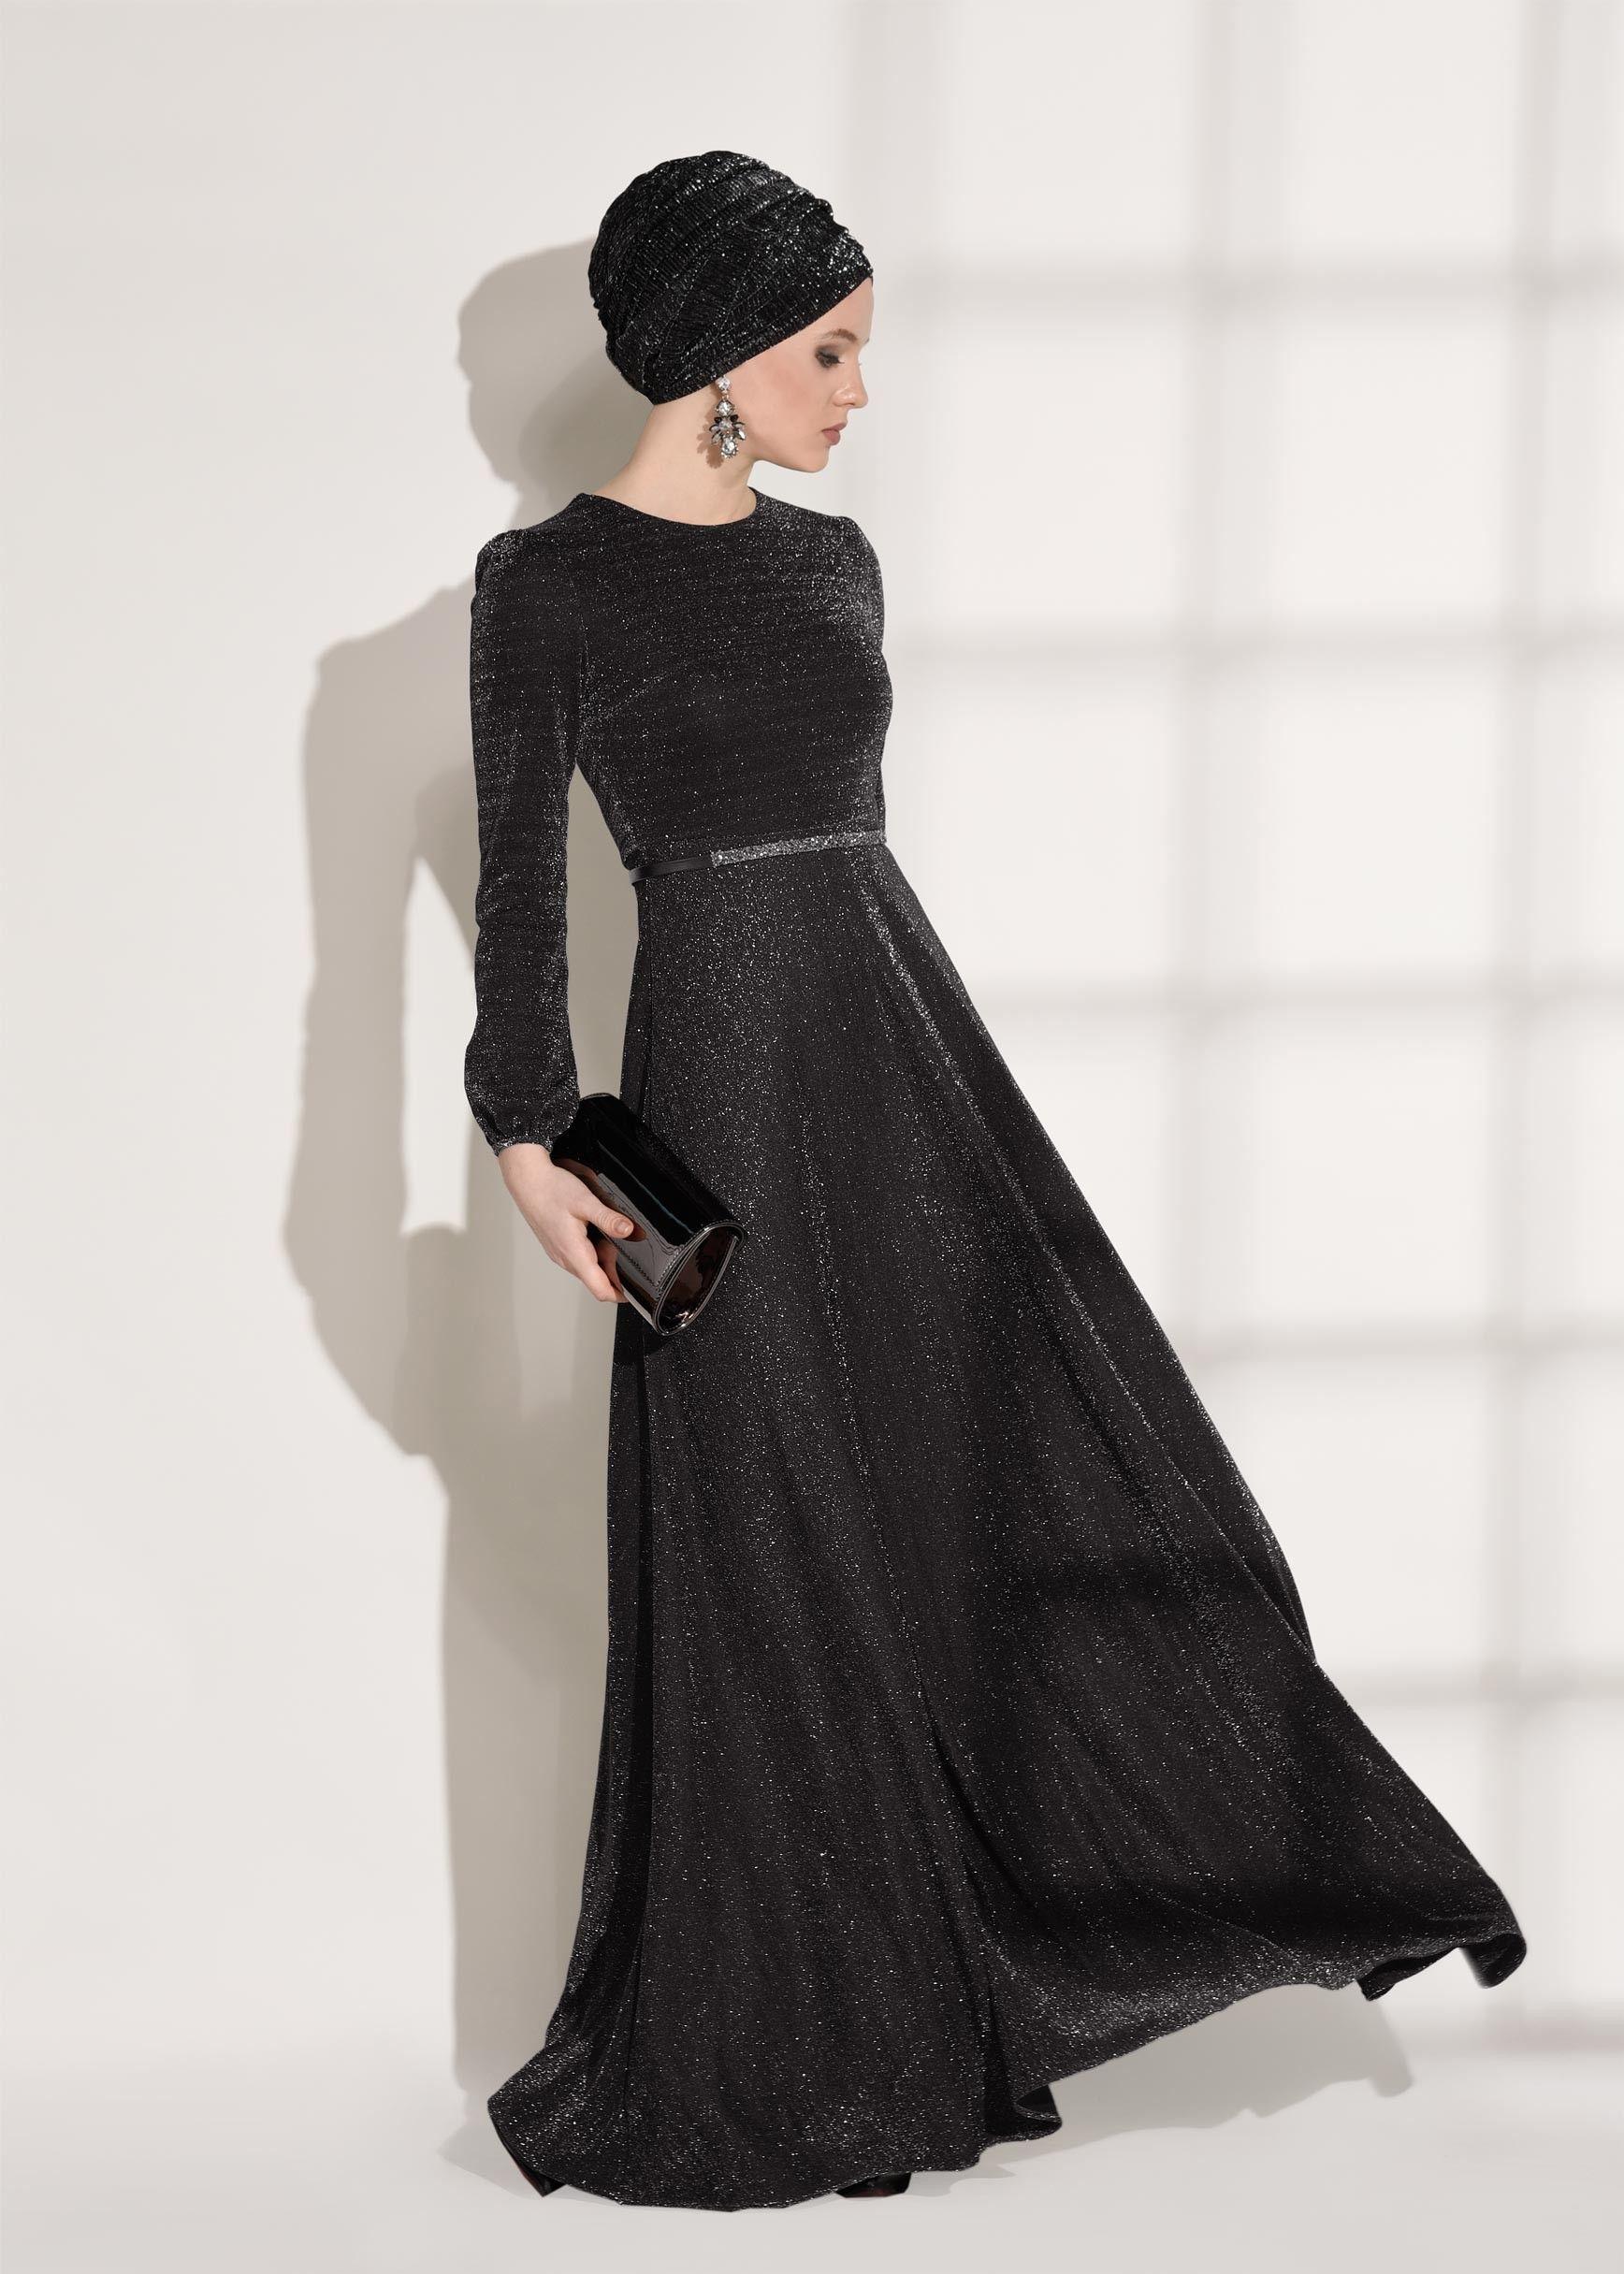 T 2052 Loreen Simli Elbise Siyah Trend Tesettur Moda Stilleri Giyim Elbise